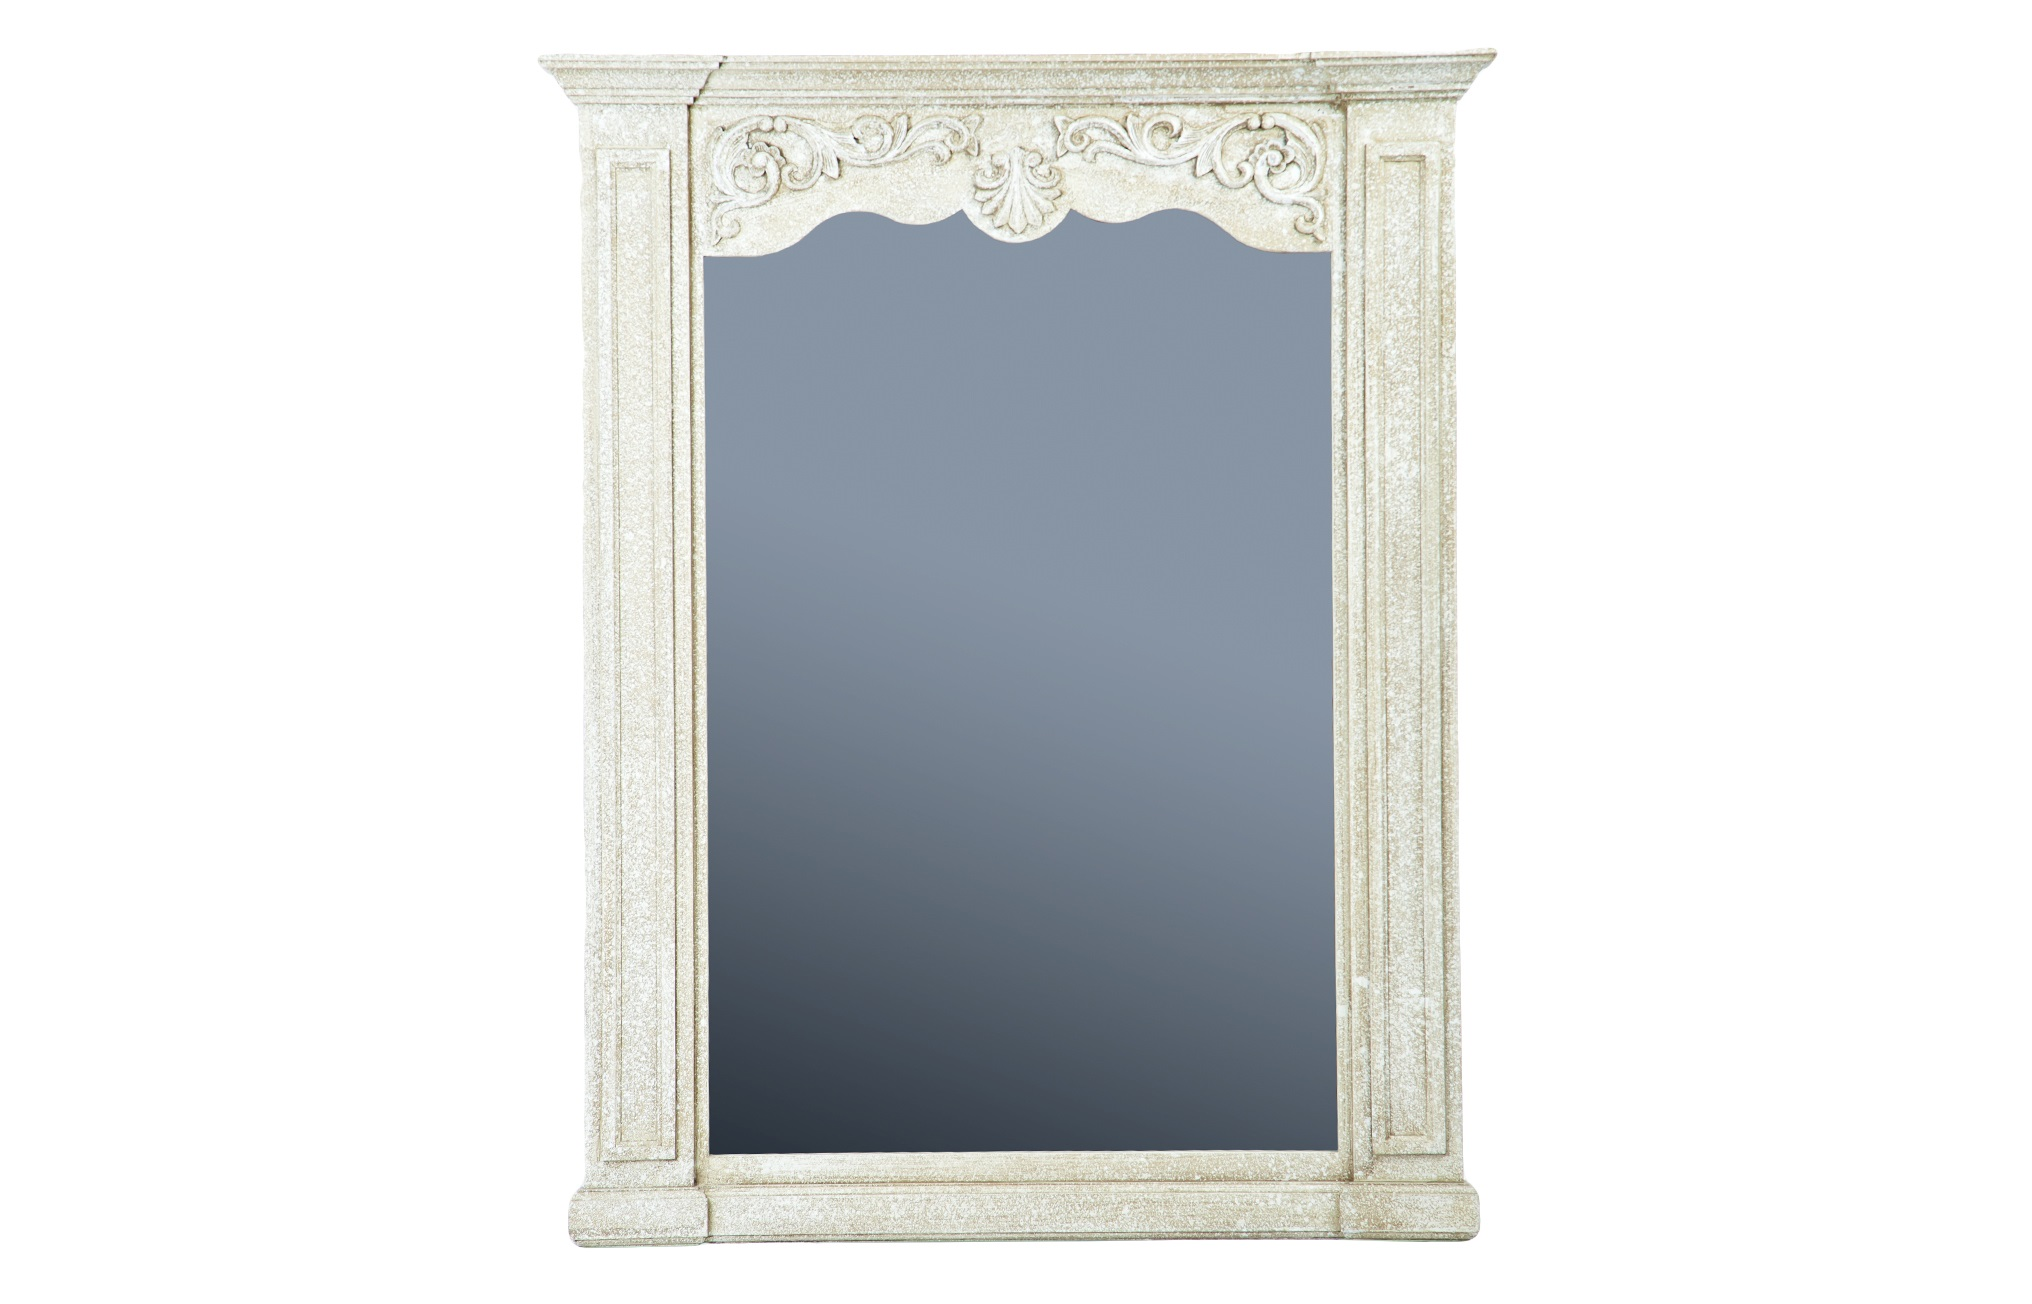 ЗеркалоНастенные зеркала<br>Зеркало в декорированной раме из дерева в классическом стиле, рама украшена патиной. Это винтажное зеркало украсит интерьер любой комнаты в стиле прованс или классика.<br><br>Material: Дерево<br>Width см: 133<br>Depth см: 10<br>Height см: 165